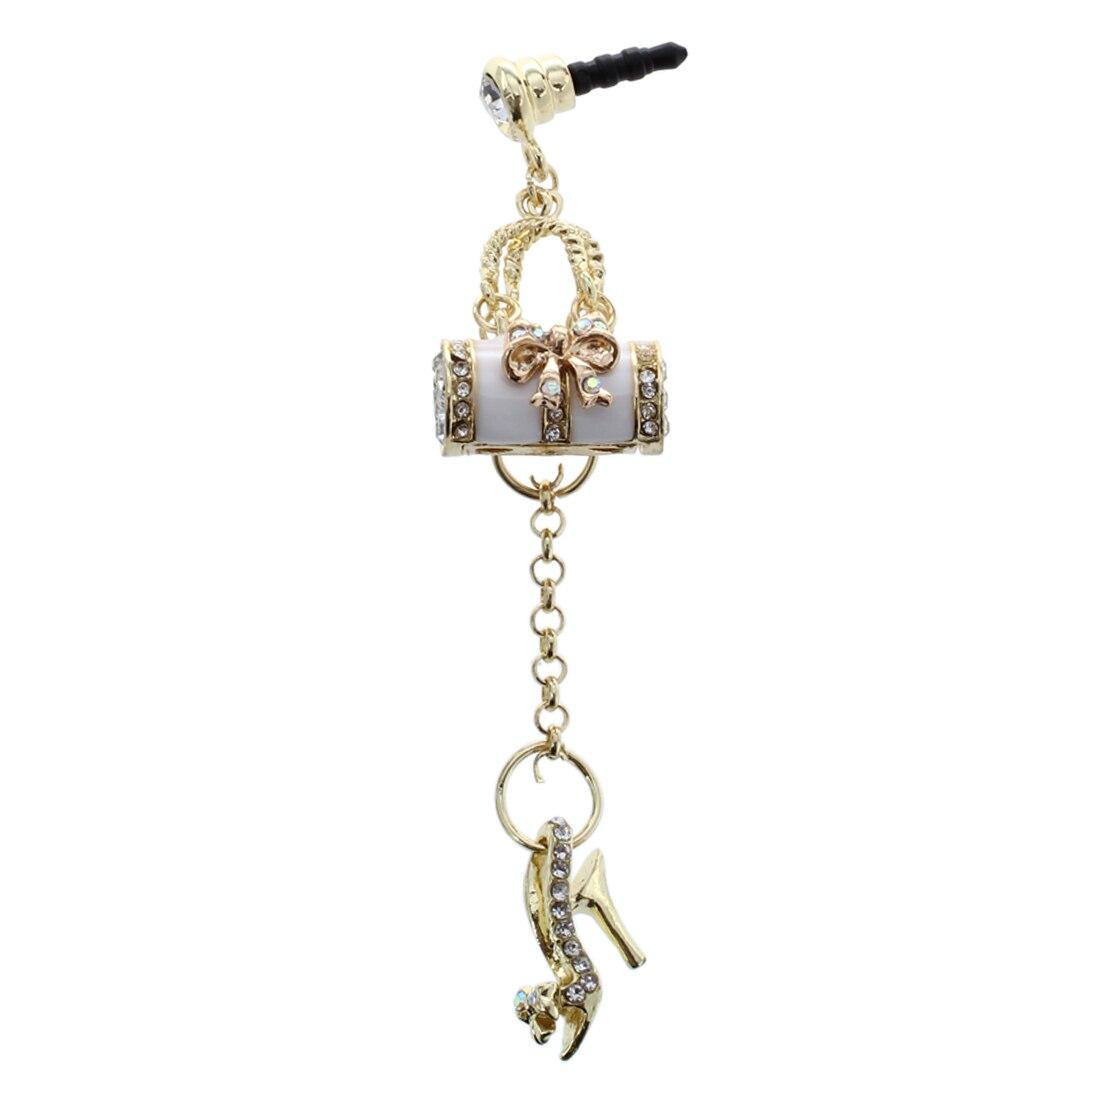 Белый 3.5 мм универсальный прекрасный Bling Crystal Стразы на высоком каблуке Обувь и сумочка против пыли Разъем для наушников + хороший брелок